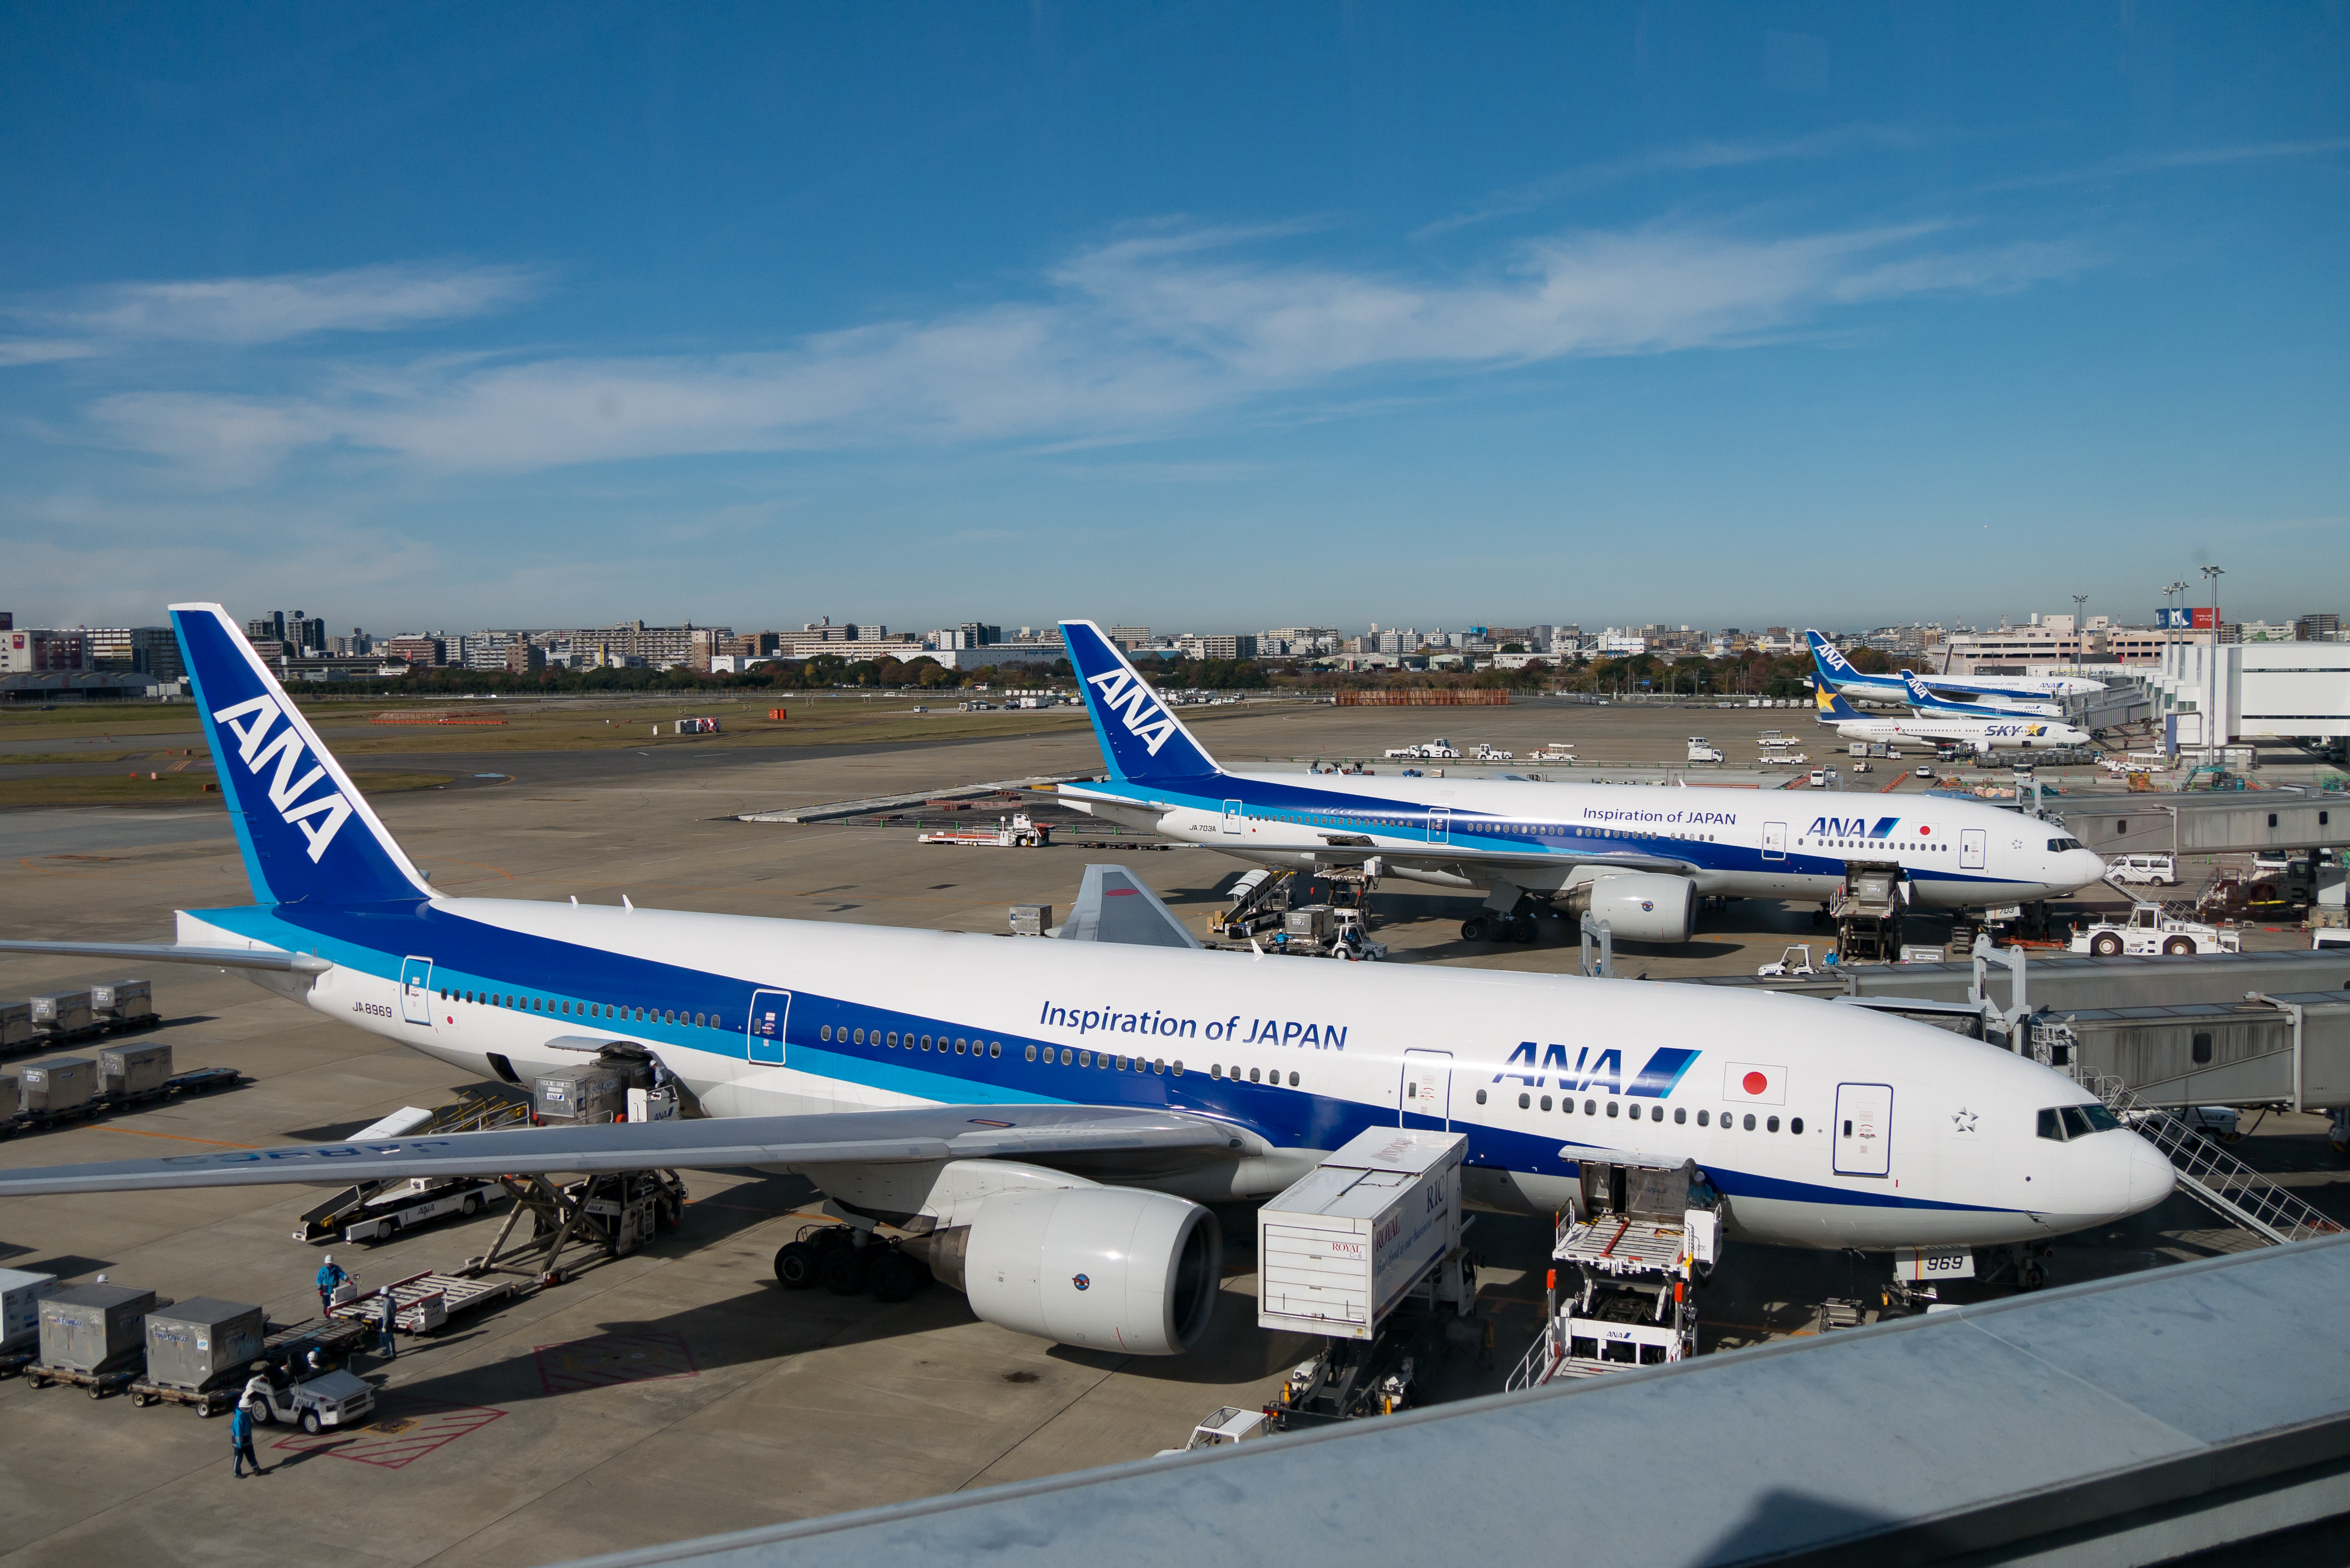 羽田空港のファーストキャビンが便利!料金やデイユースの方法もご紹介!